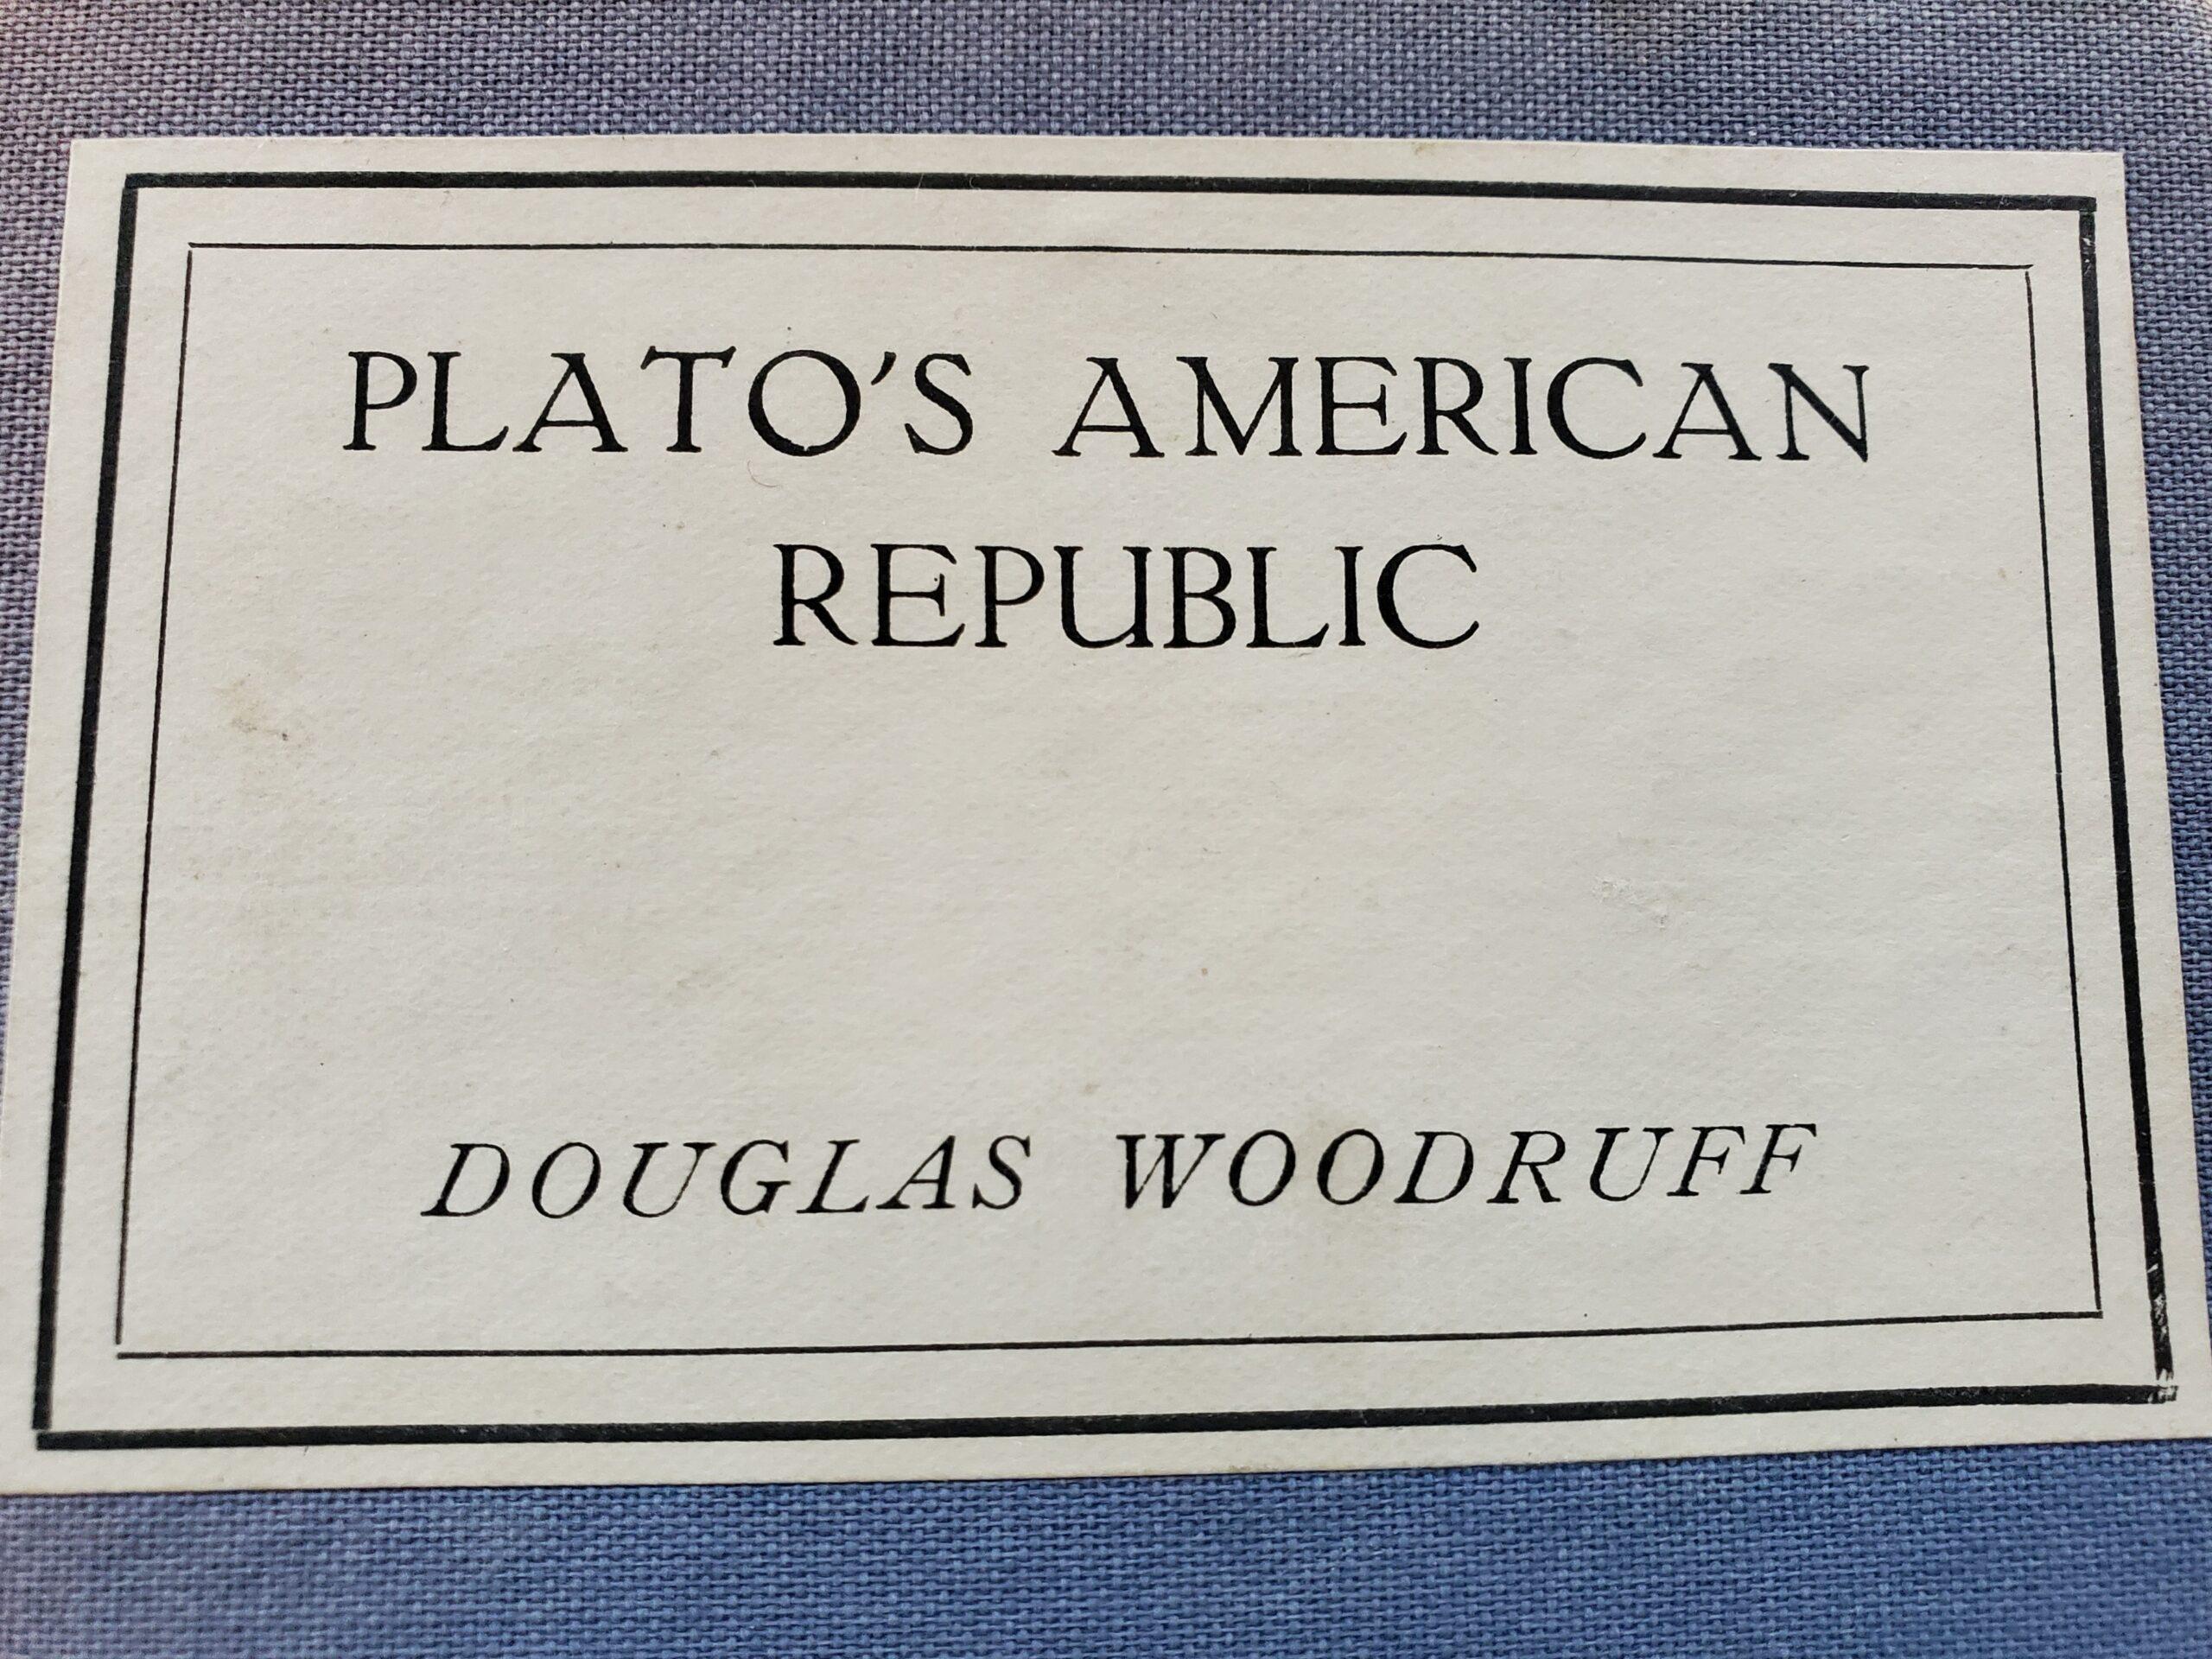 """Book cover reading """"Plato's American Republic, Douglas Woodruff"""""""